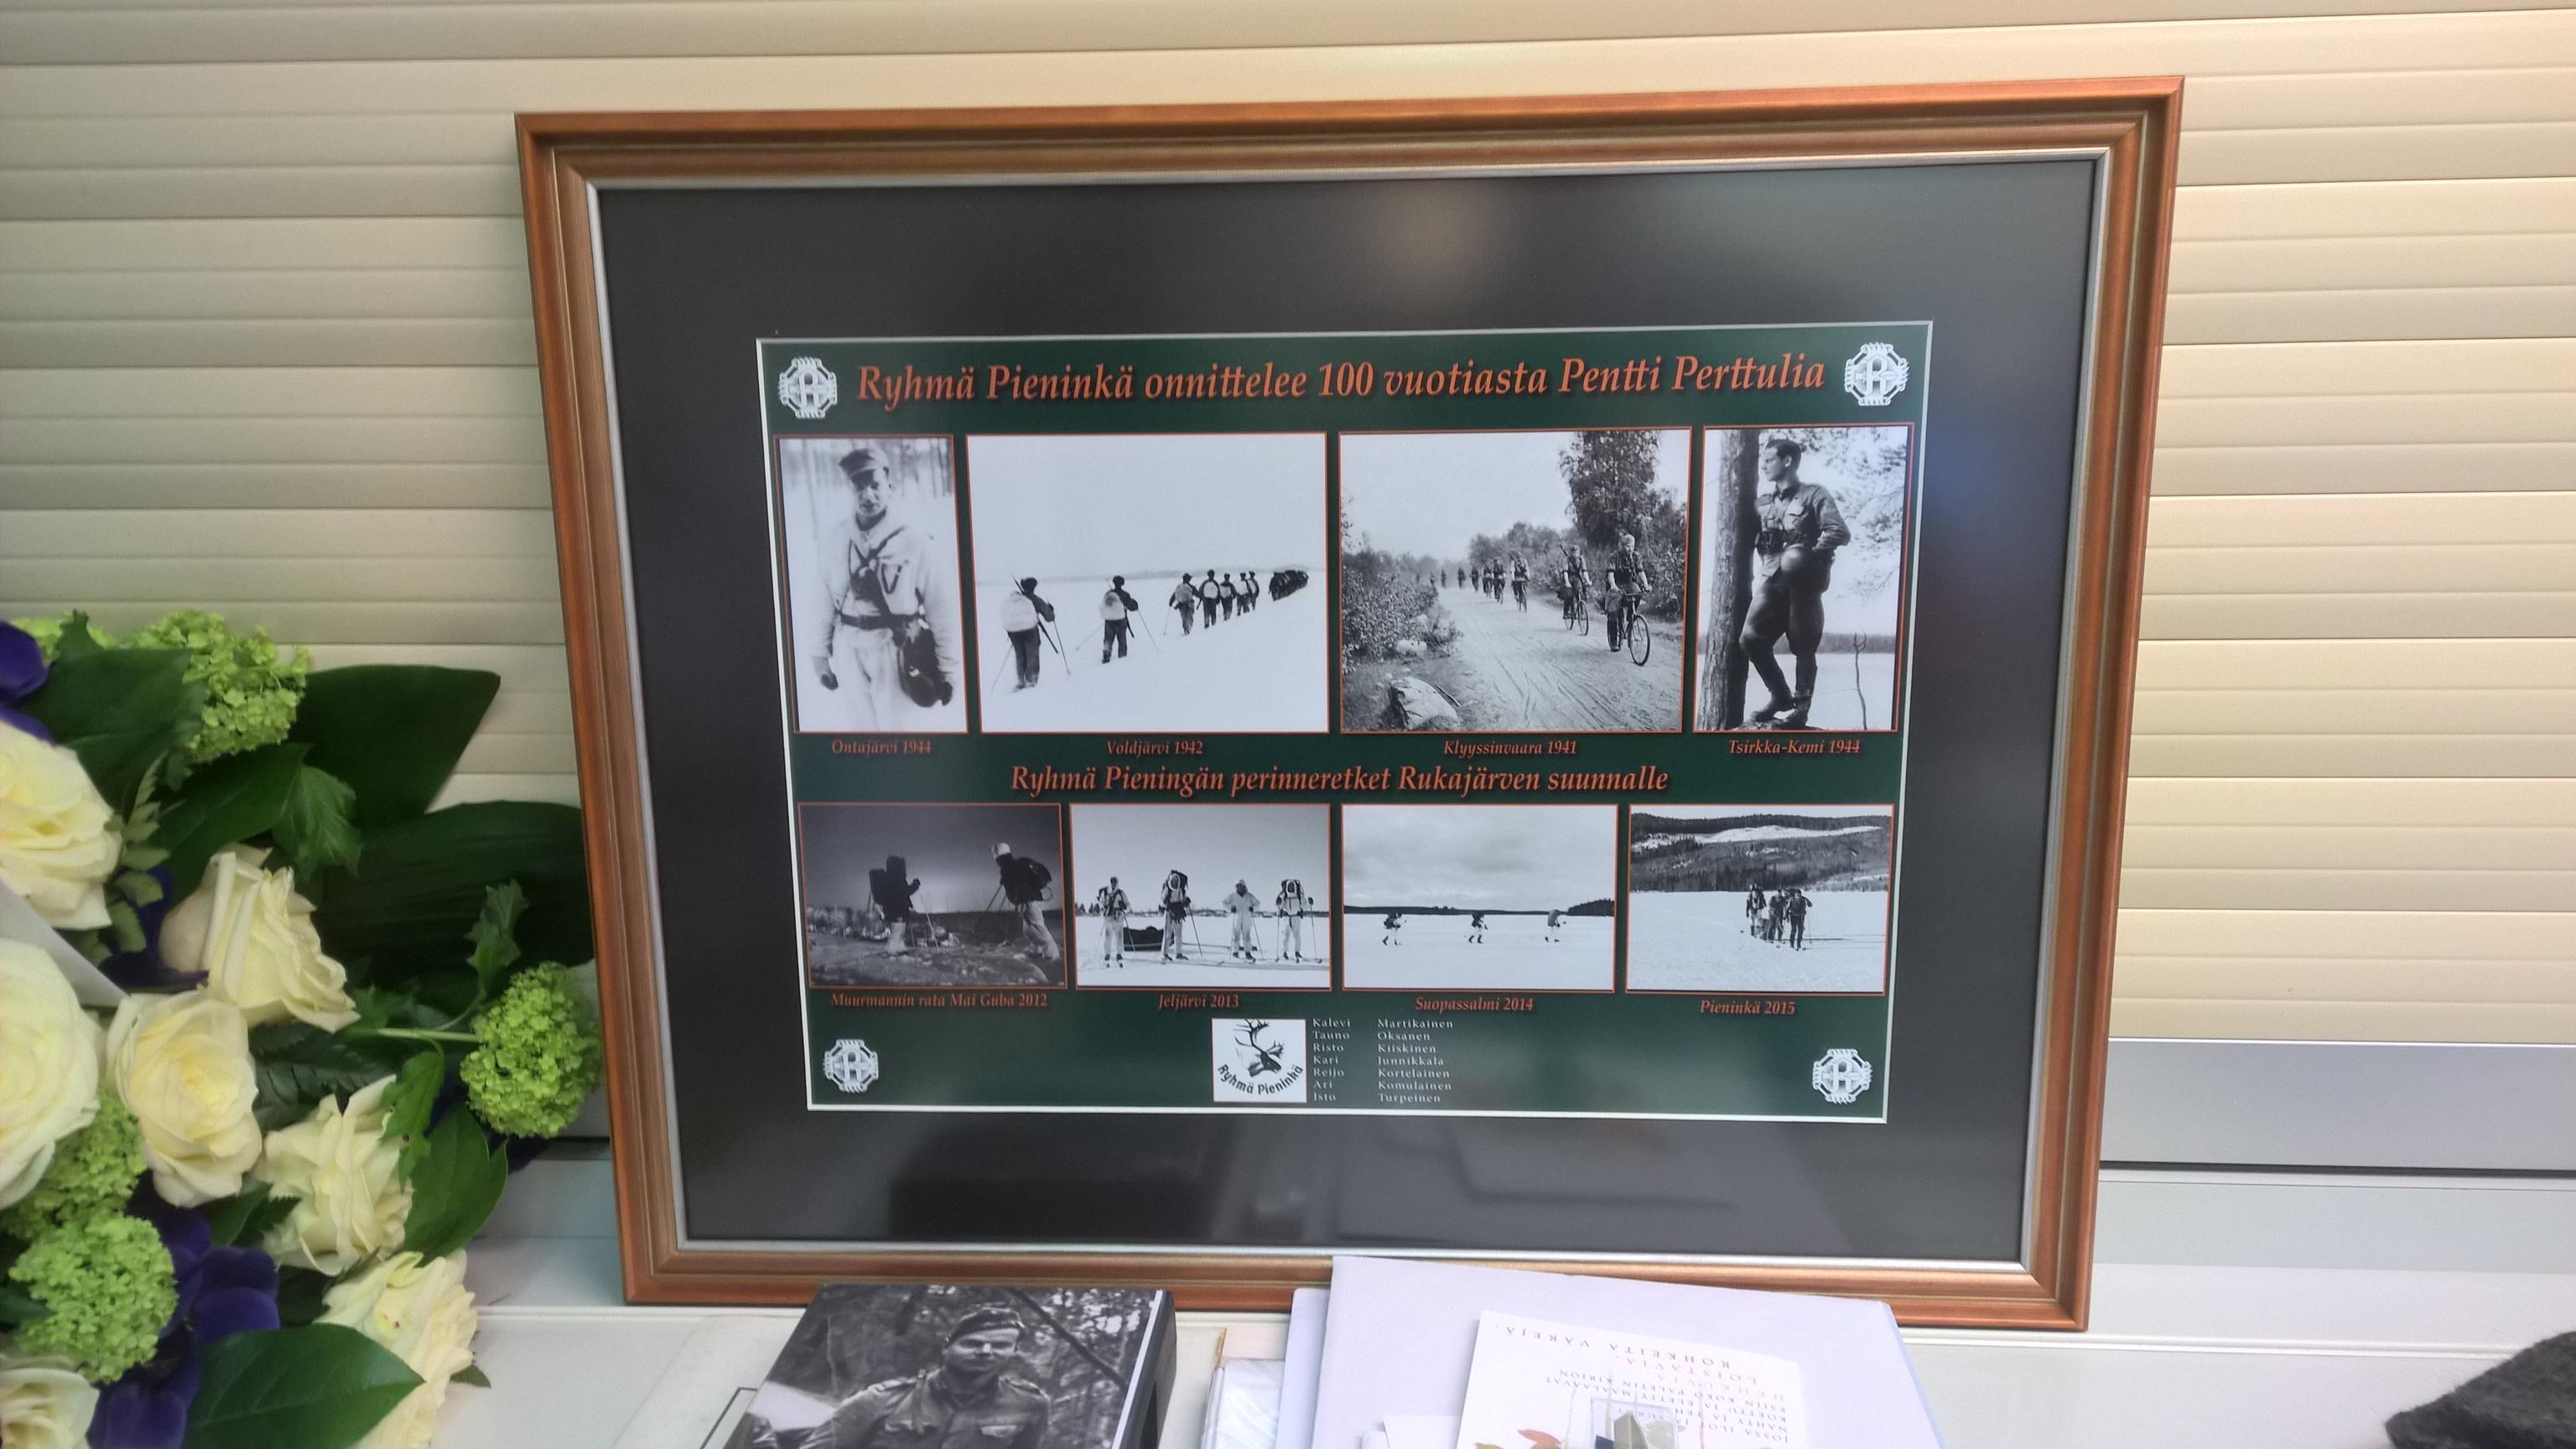 Ryhmä Pieningän onnittelut, kuvakooste, jossa yhtyvät Pentti Perttulin ja ryhmän yhteiset ladut Muurmannin radalle ja Pieningän saloille. Taulun luovutti rajakapteeni Tauno Oksanen.